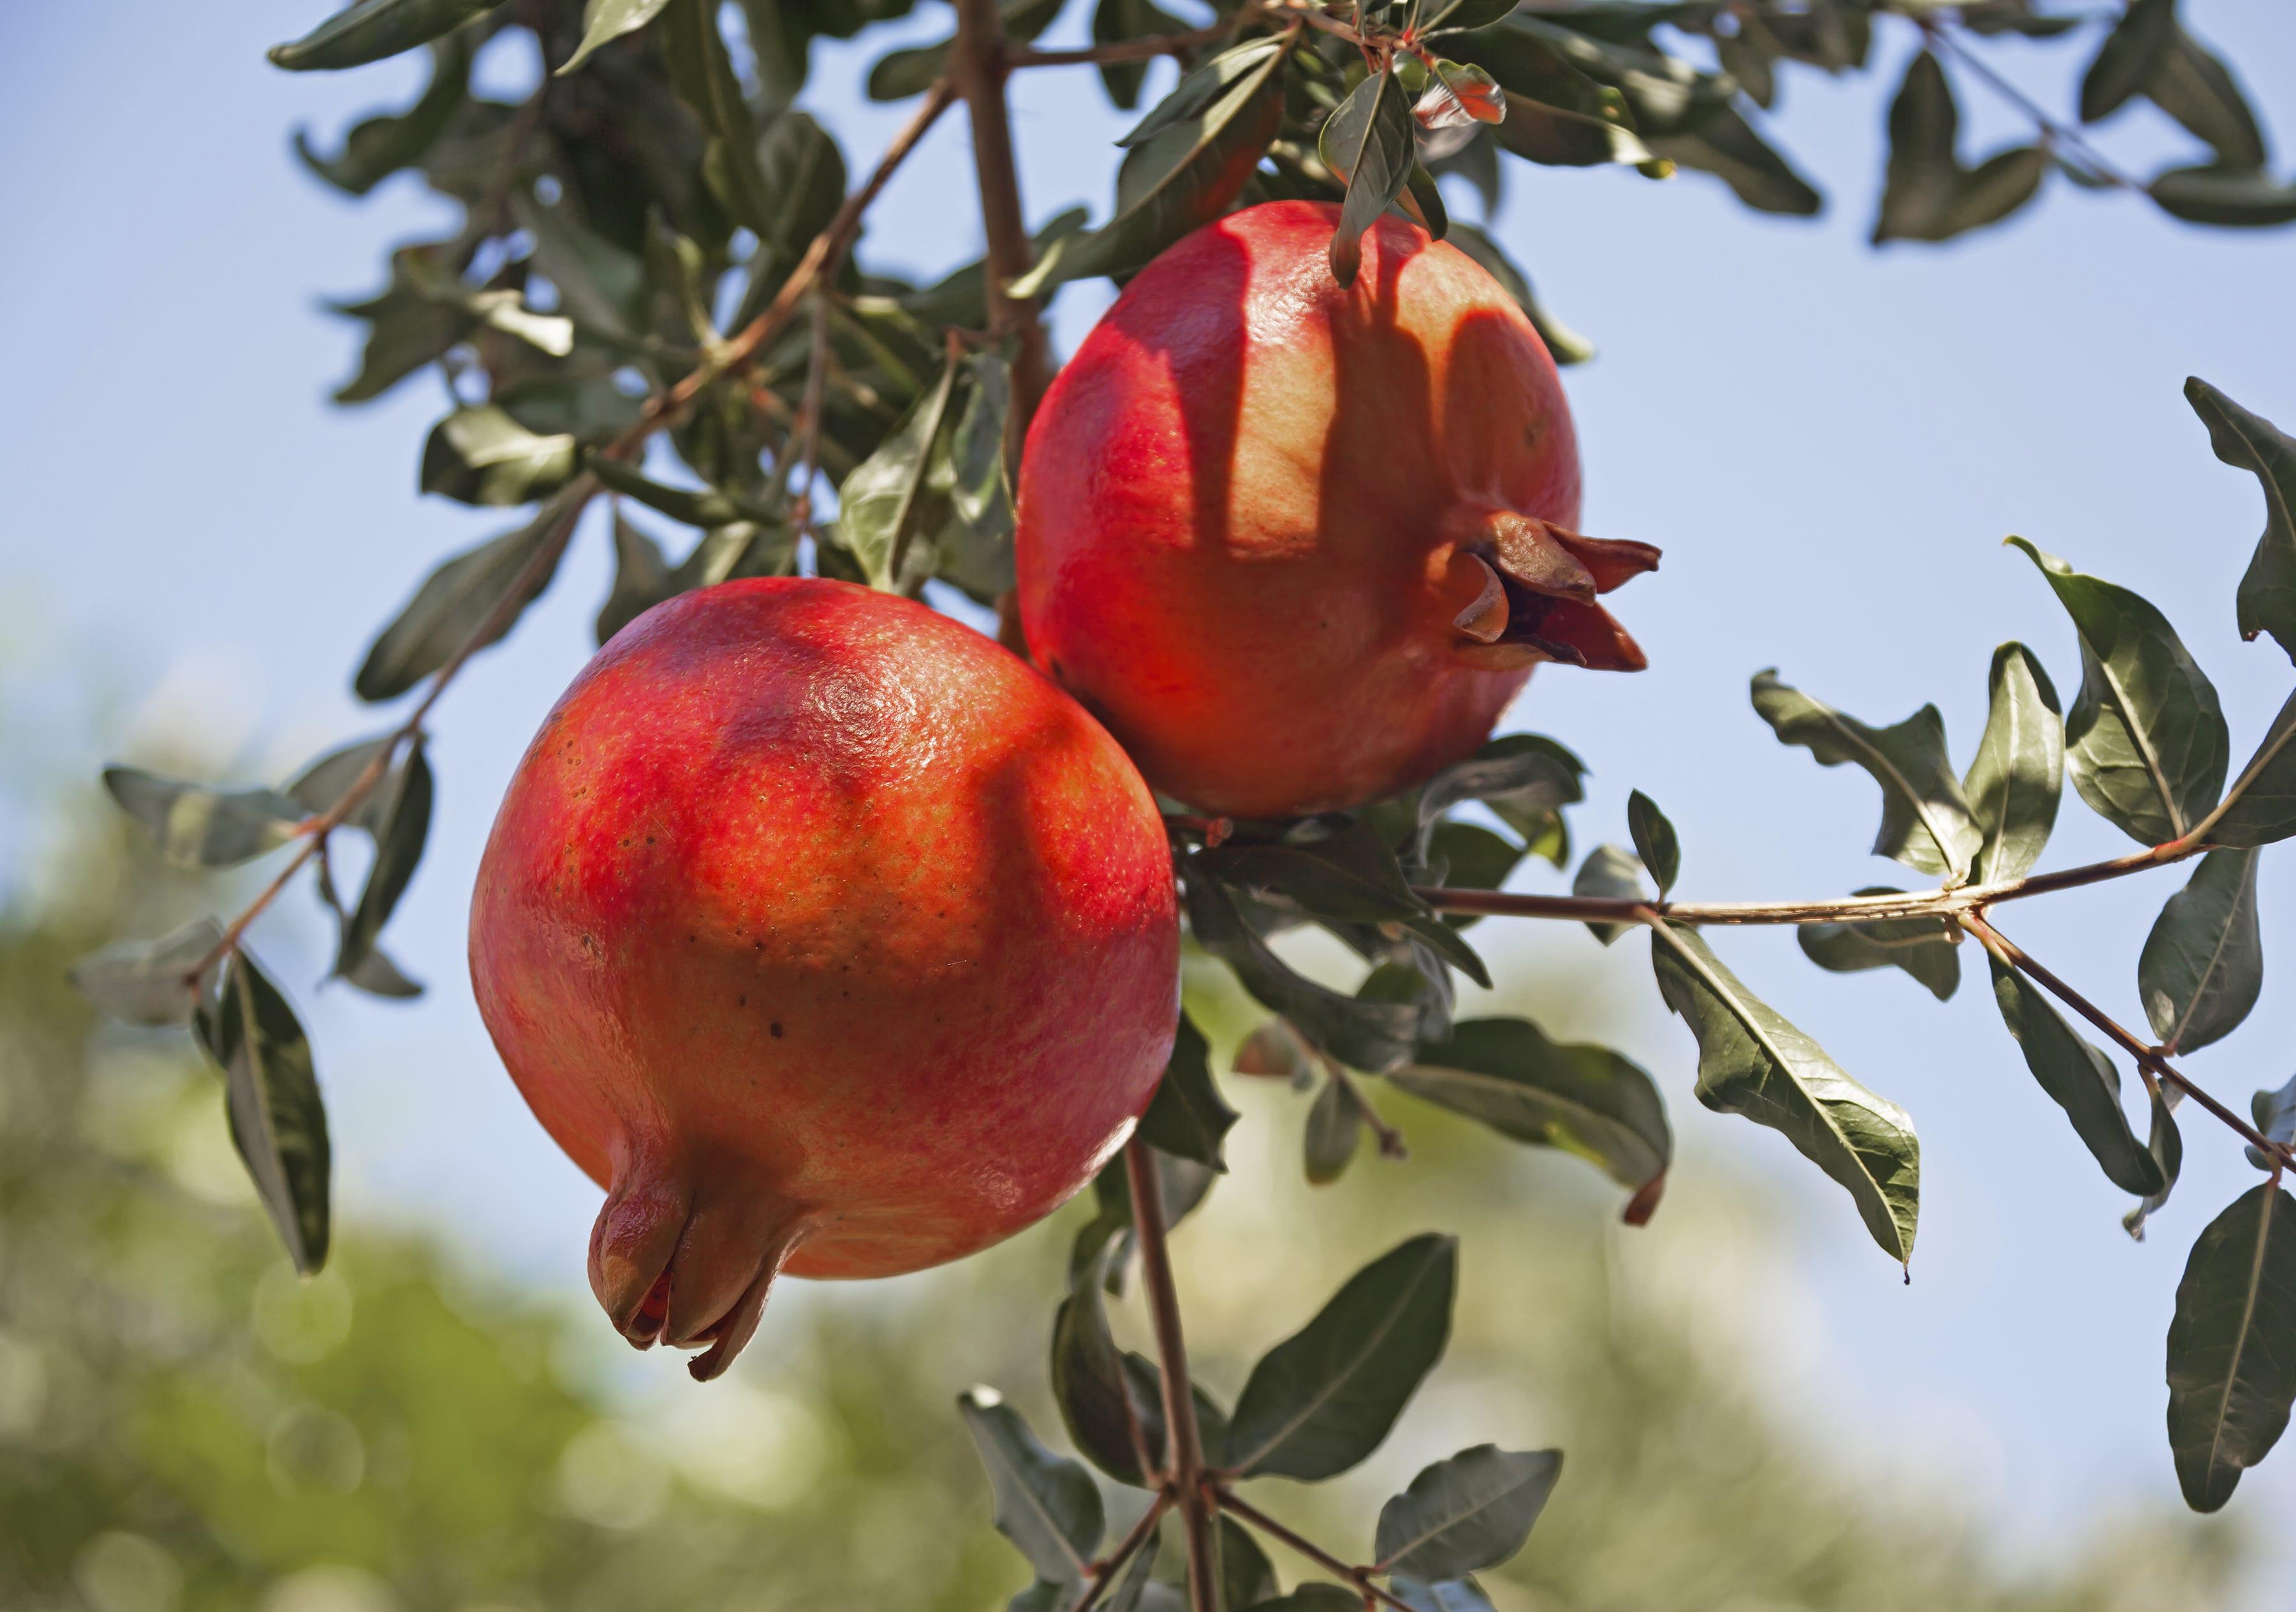 Alberi Ornamentali Da Giardino come coltivare il melograno in giardino o in vaso - non sprecare